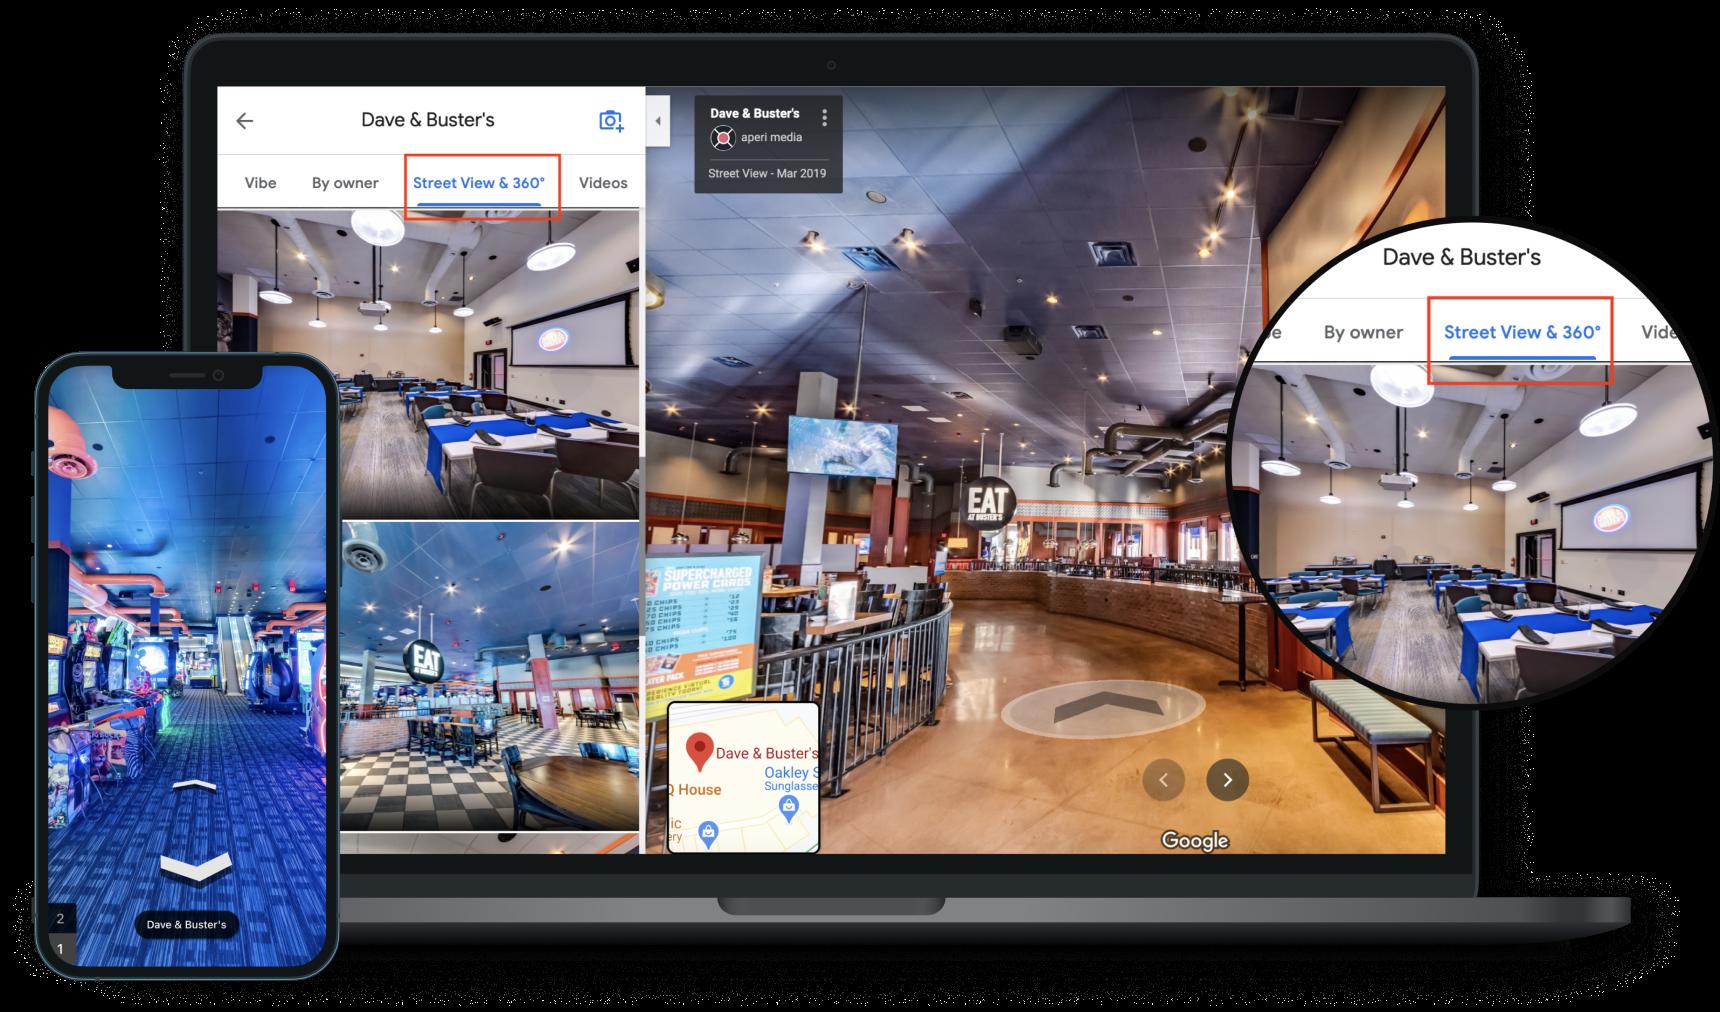 Event Venues Google 360° Virtual Tour